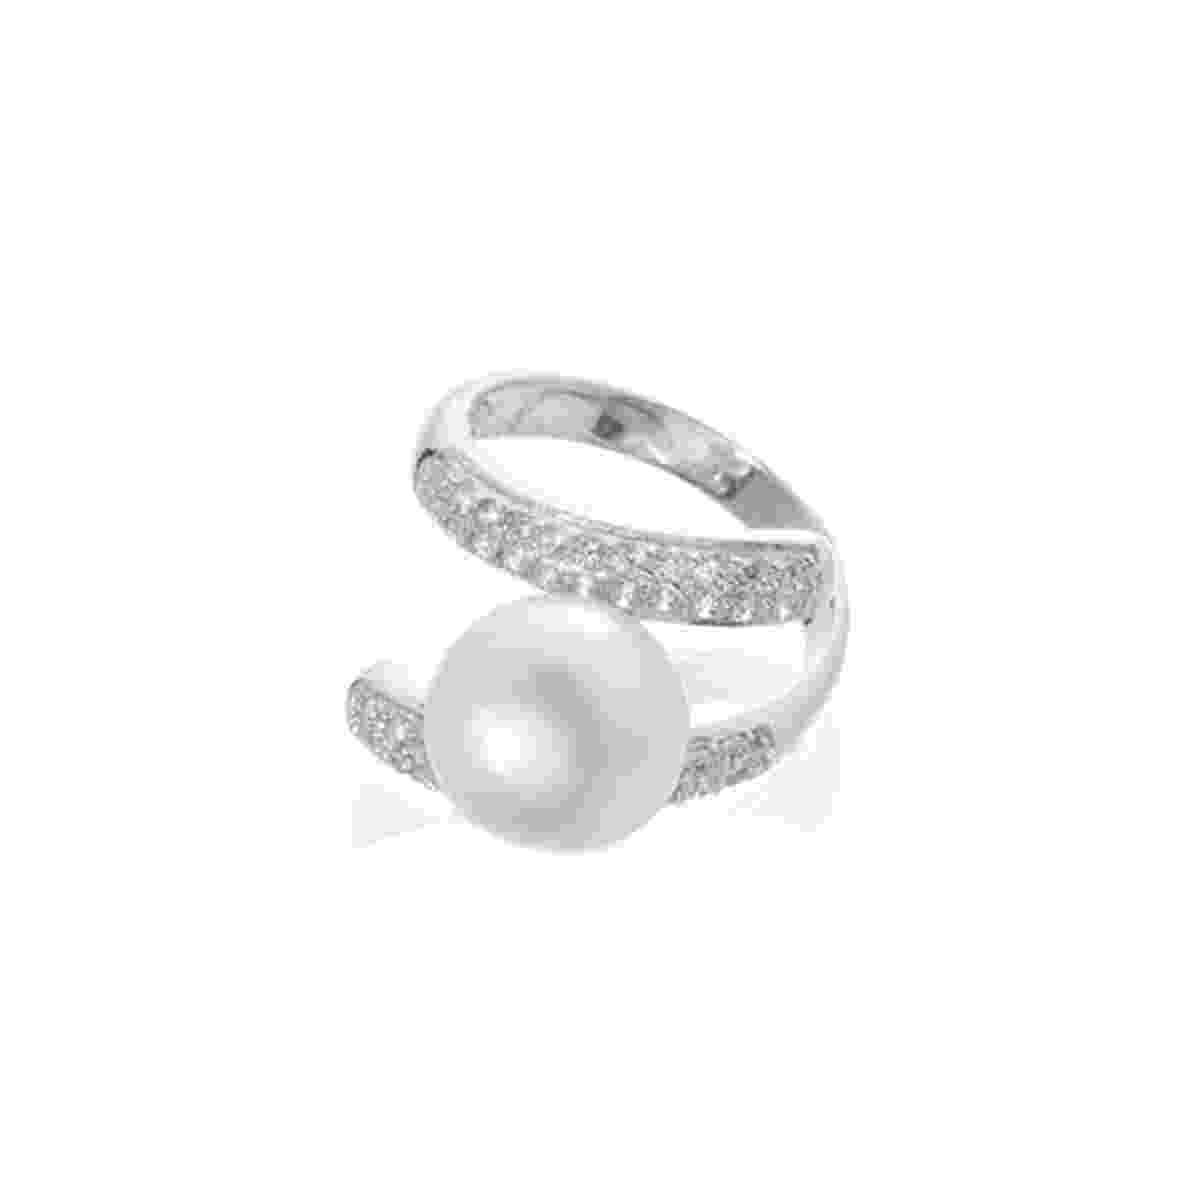 Casamento - Aneis de noivado com pérolas - 2 - Divulgação